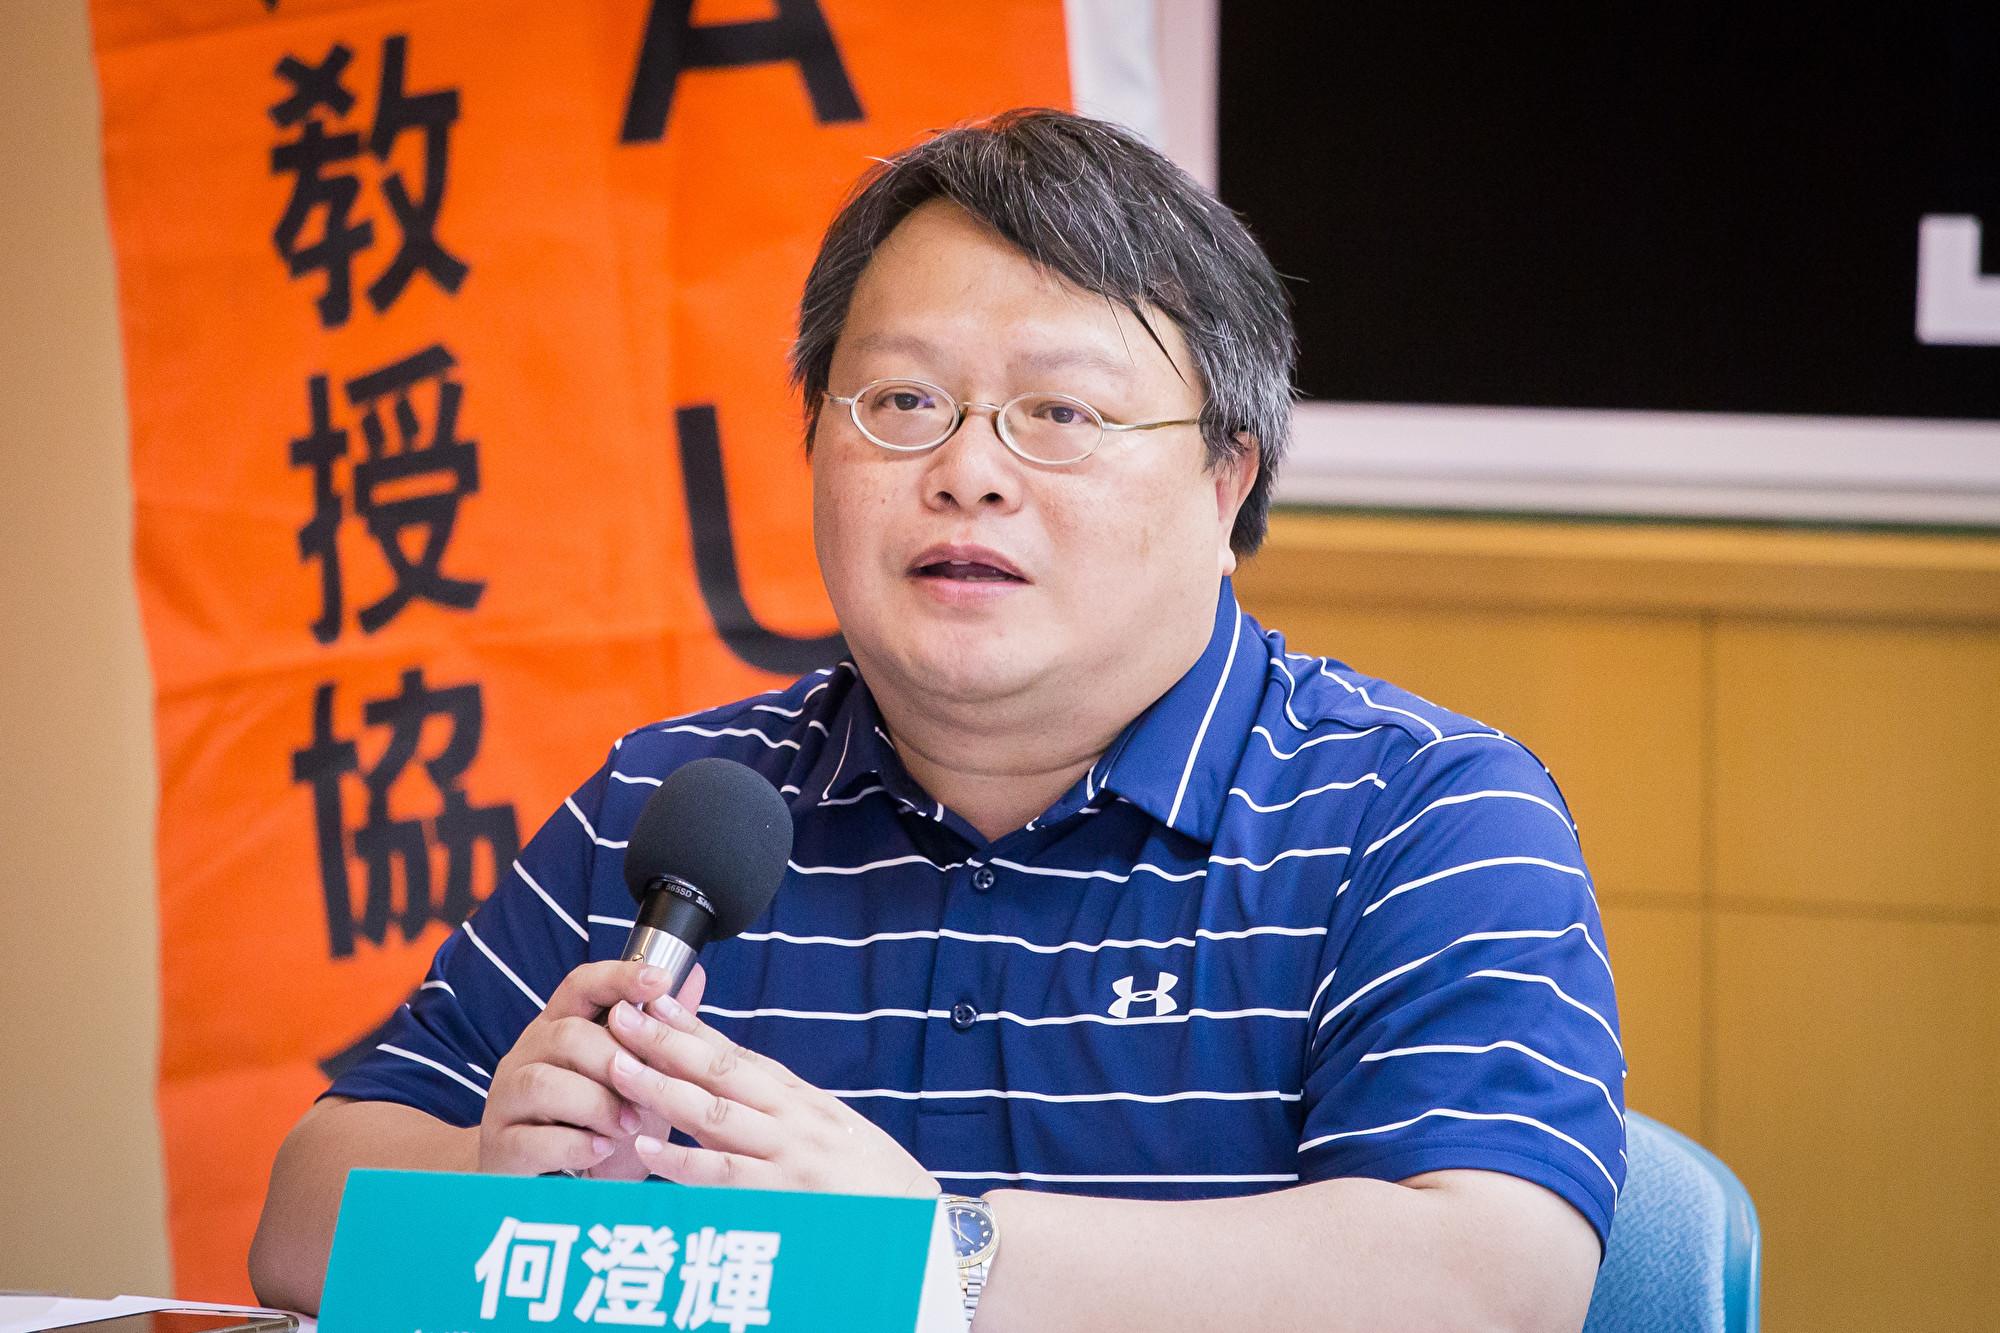 奪取臺灣關鍵技術 中共七大手法滲透科技業 大紀元時報 香港 獨立敢言的良心媒體